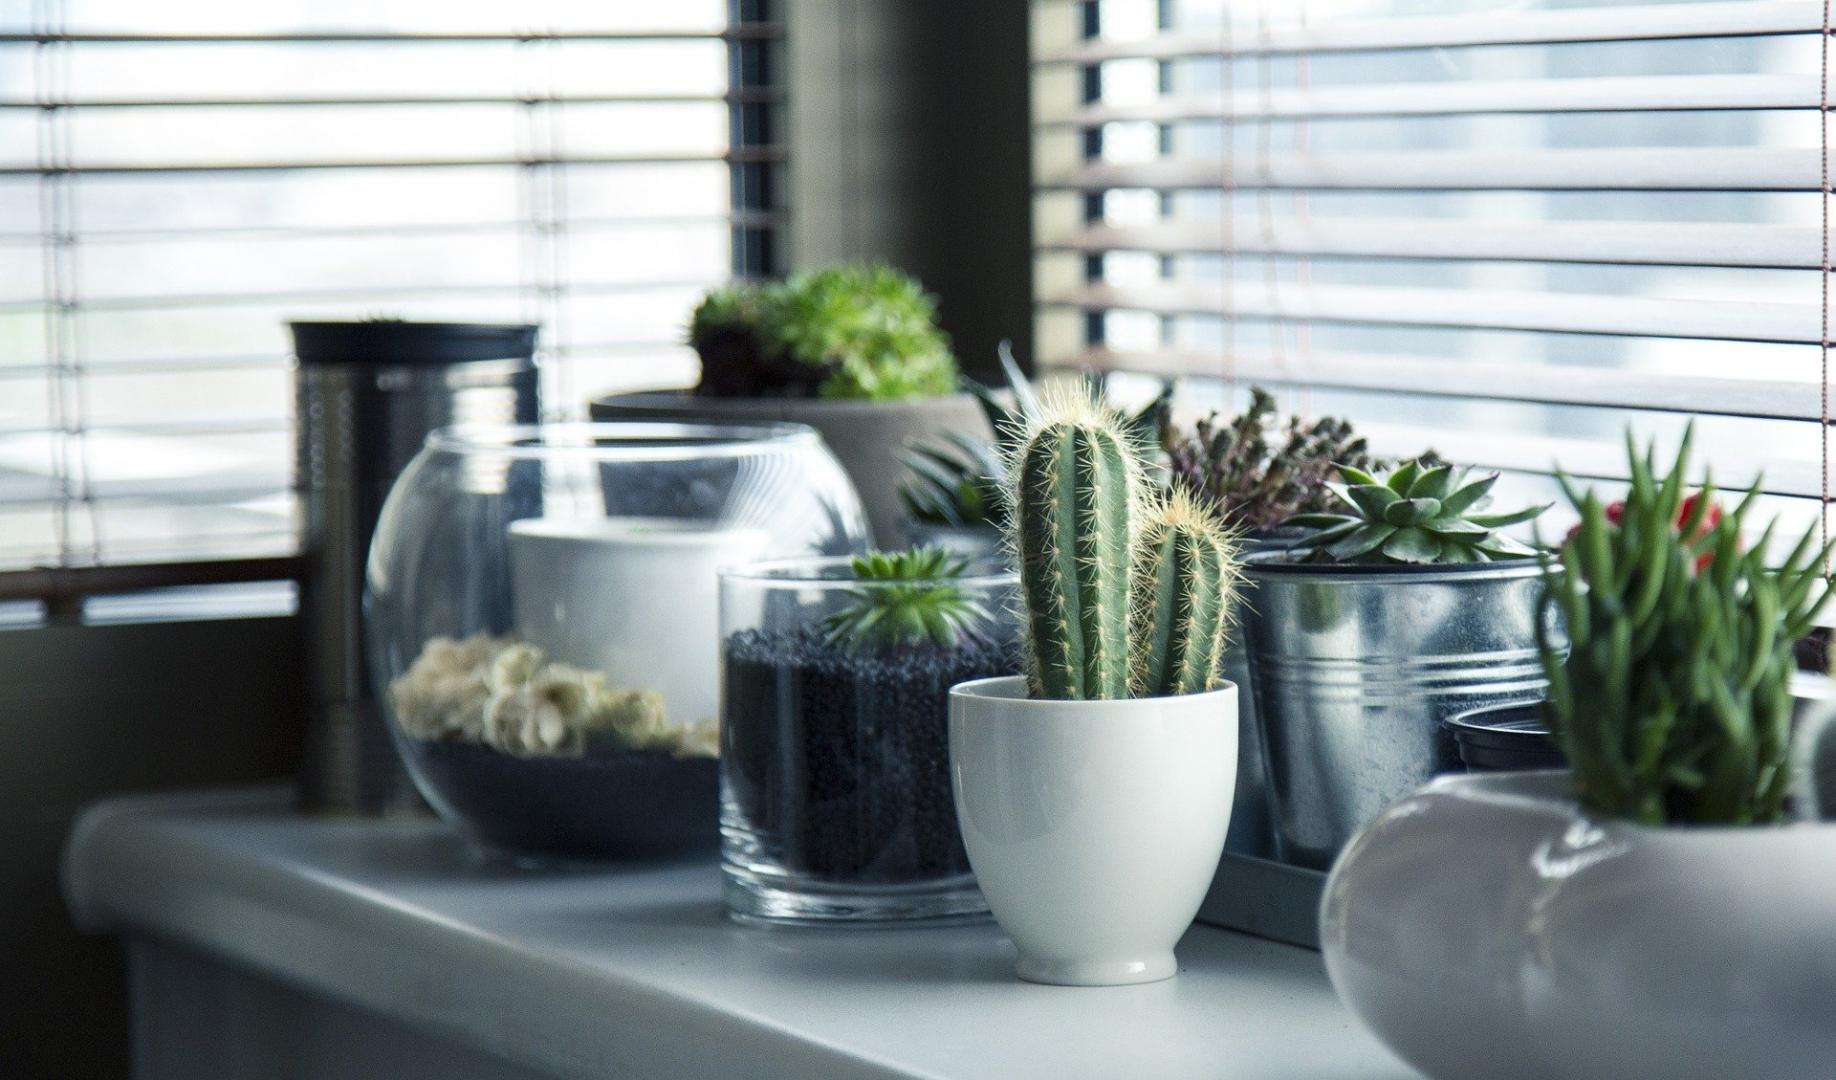 Welche ungiftigen Zimmerpflanzen verschönern die Wohnung?